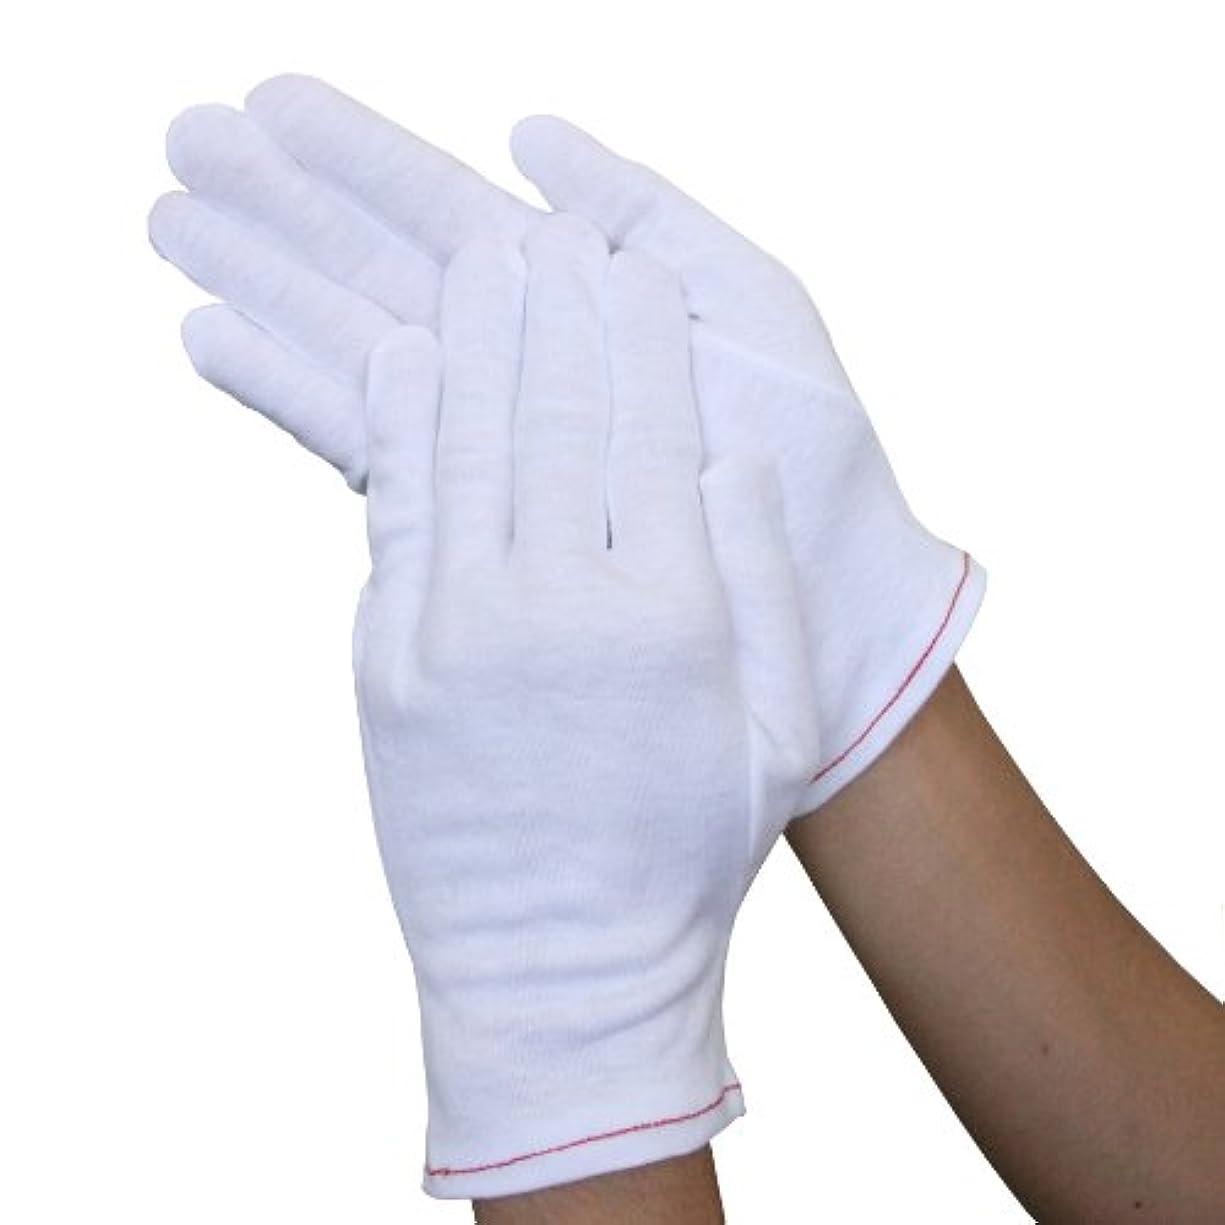 漂流垂直マージウインセス 【心地よい肌触り/おやすみ手袋】 綿100%手袋 (1双) (LL)